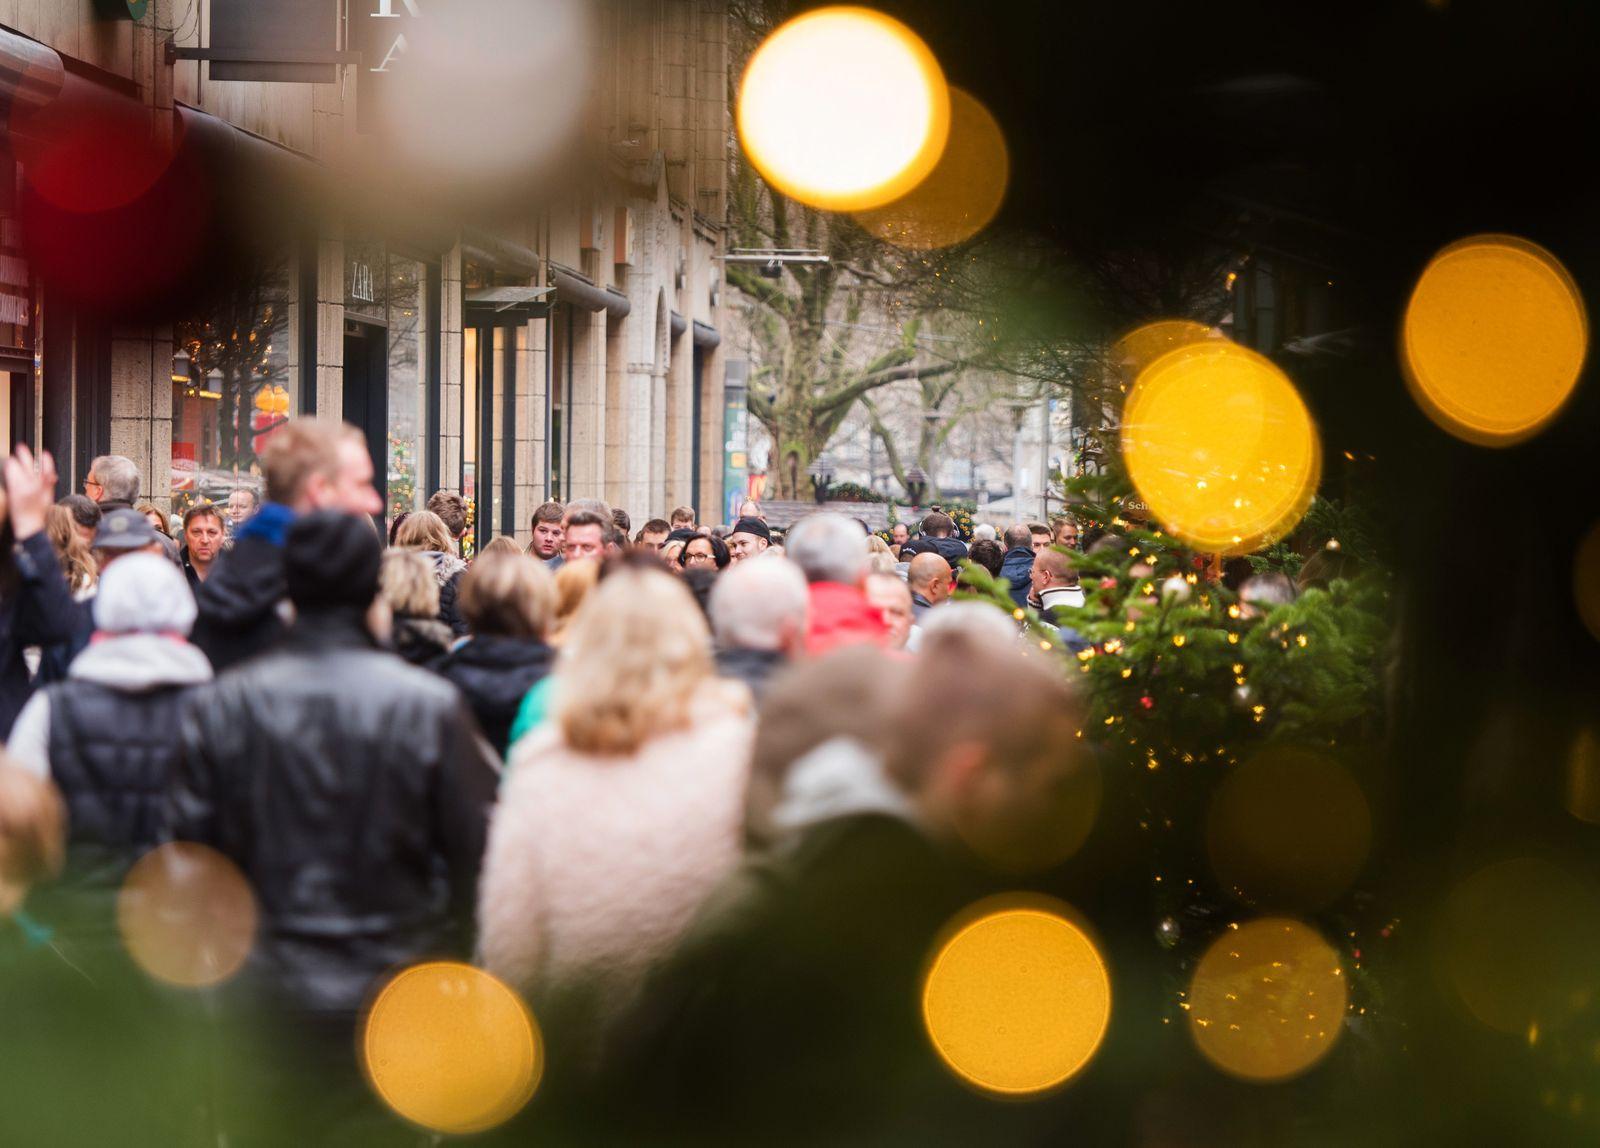 Deutschland / Konjunktur / Konsum / Kaufrausch / Shoppen / Kunden /Weihnachtseinkäufe